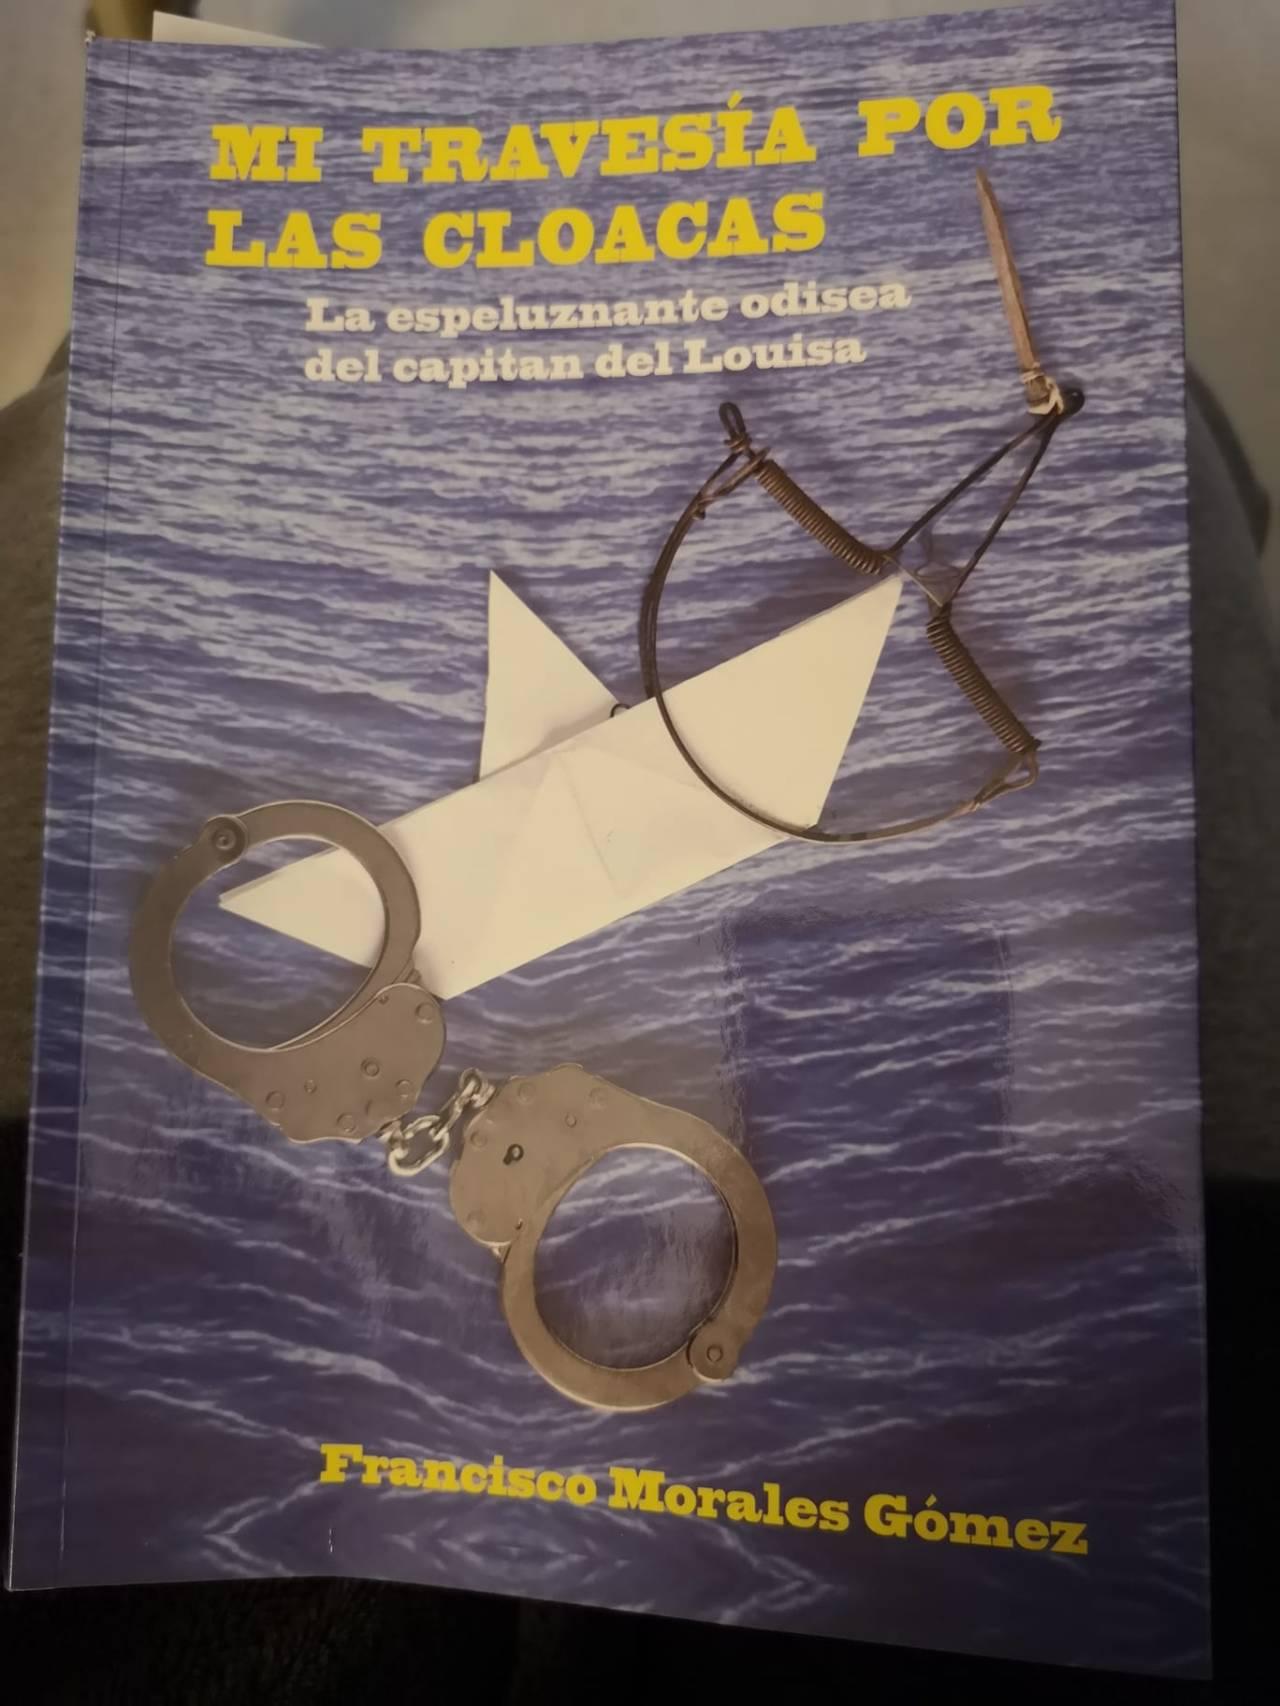 El Arte de los Sherry Explorers: Francisco MoralesGómez